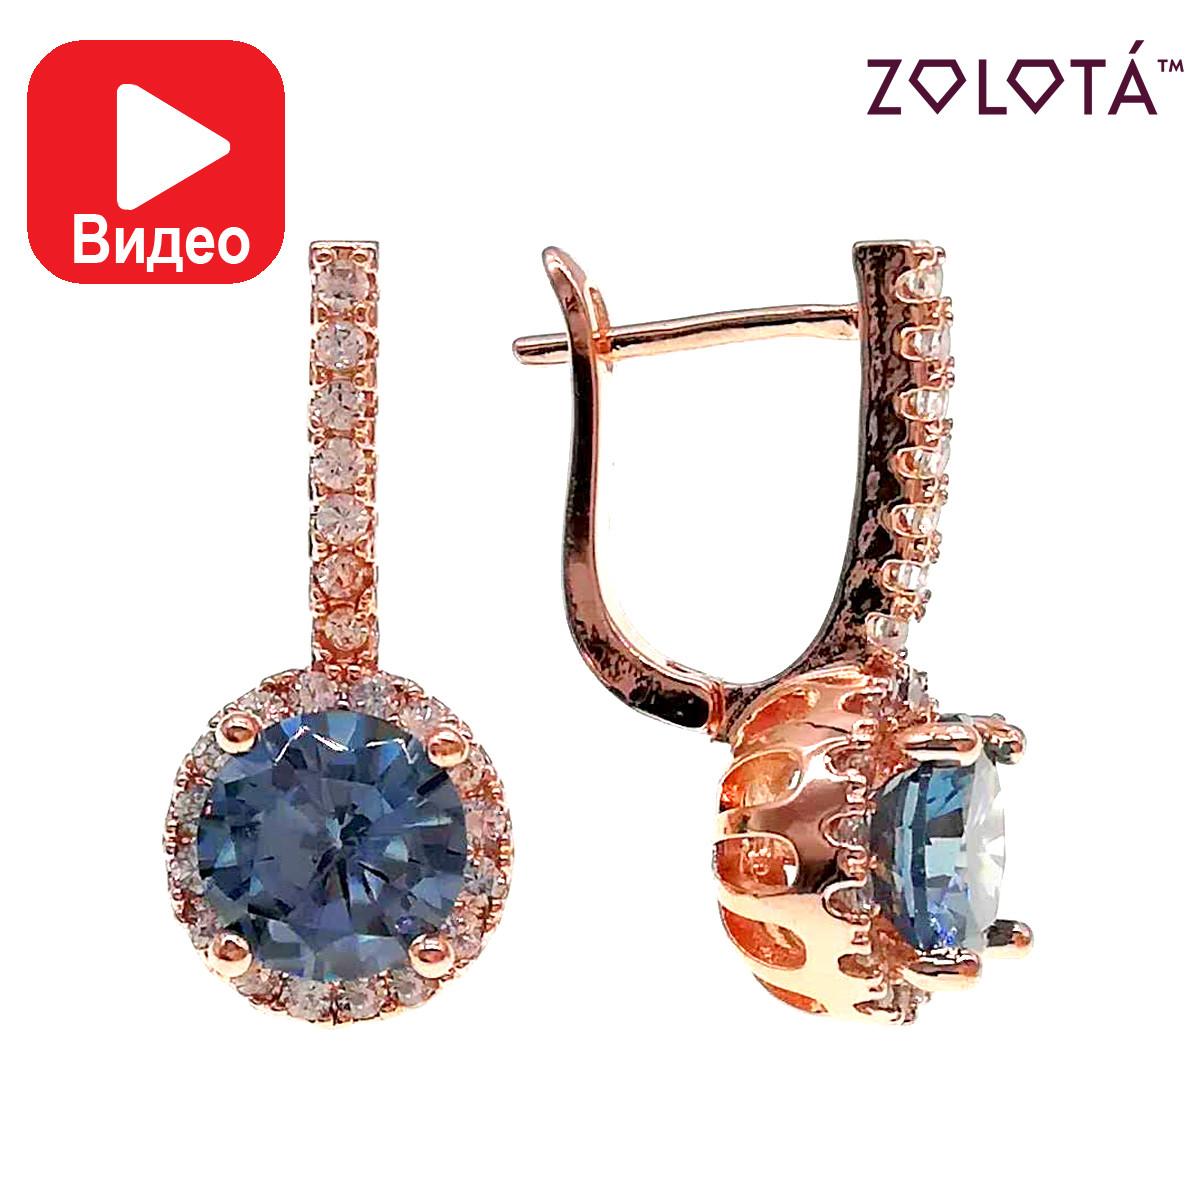 Серьги Zolota, размер 23х10 мм, серо-голубые фианиты (куб. цирконий), вес 4 г, позолота PO, ЗЛ00913 (1)